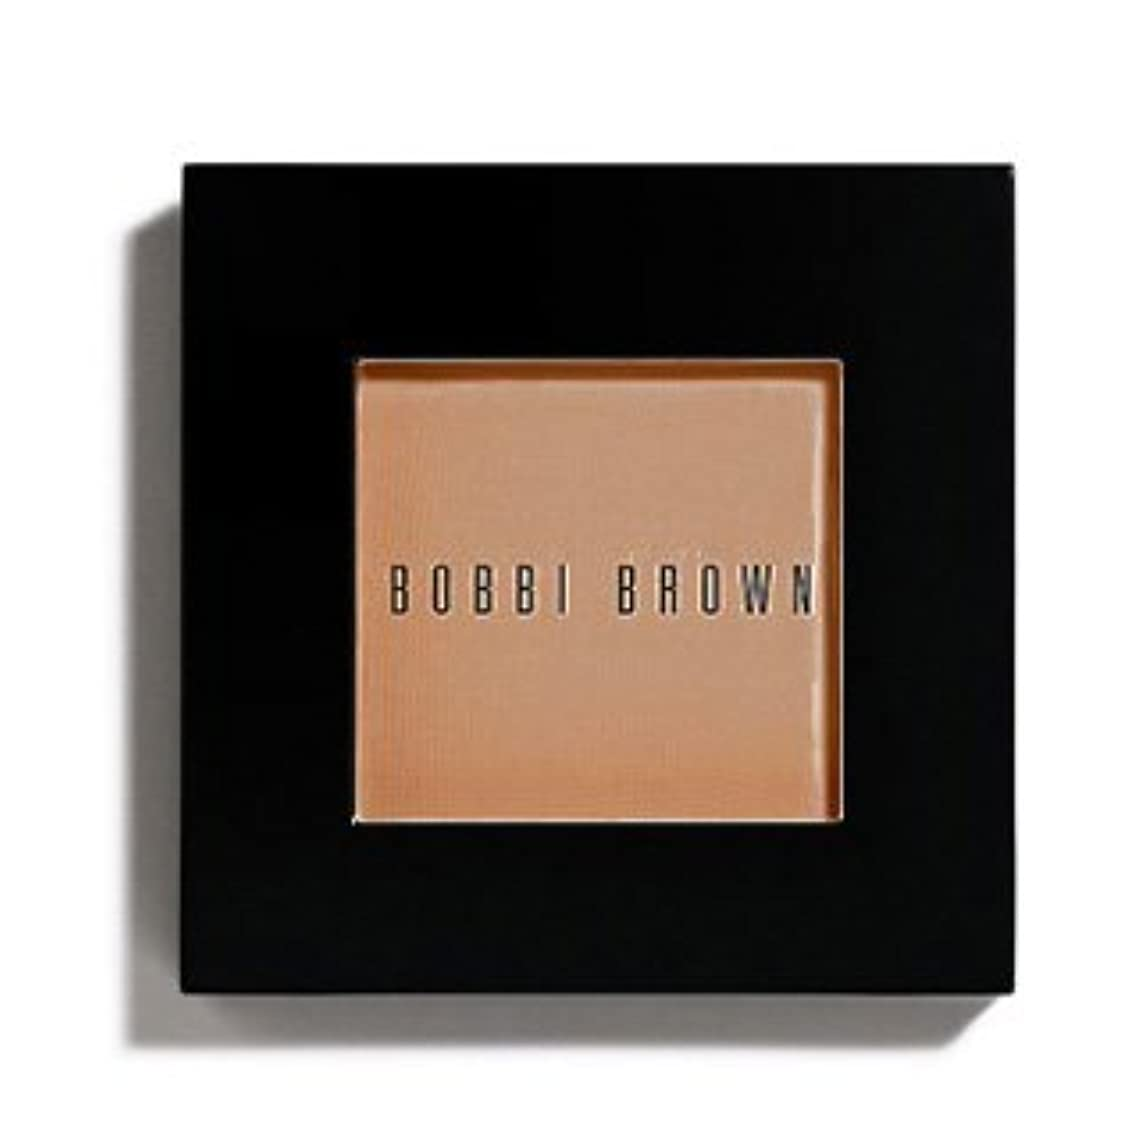 手術容赦ないブレイズBOBBI BROWN ボビイ ブラウン アイシャドウ #14 Toast 2.5g [並行輸入品]